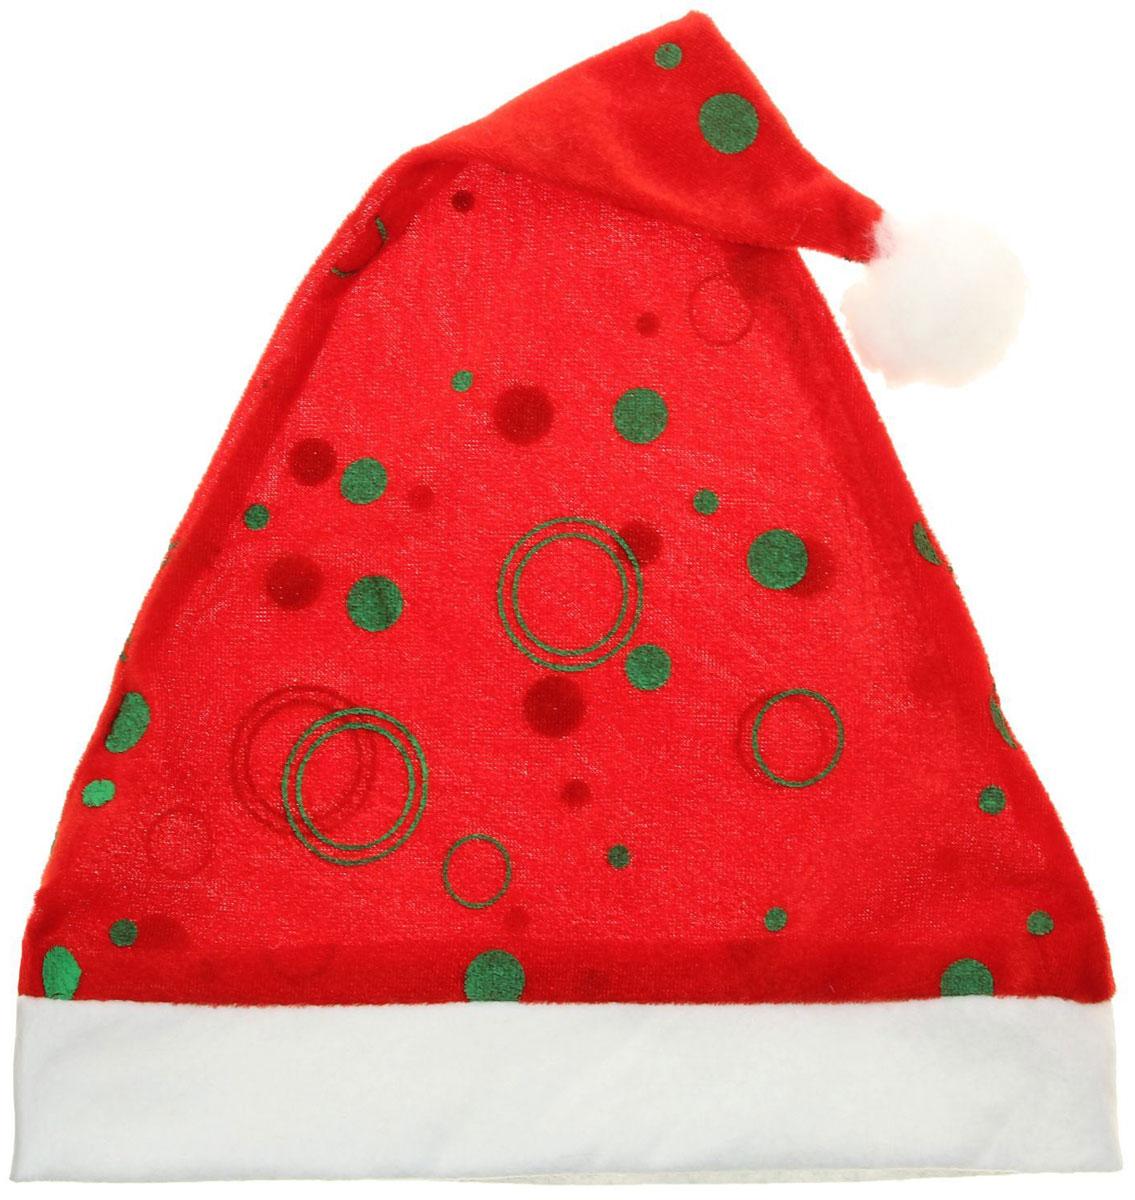 Колпак новогодний С кругами, 28 х 40 см. 13906281390628Поддайтесь новогоднему веселью на полную катушку! Забавный колпак в секунду создаст праздничное настроение, будь то поздравление ребятишек или вечеринка с друзьями. Размер изделия универсальный: аксессуар подойдет как для ребенка, так и для взрослого. А мягкий текстиль позволит носить колпак с комфортом на протяжении всей новогодней ночи.